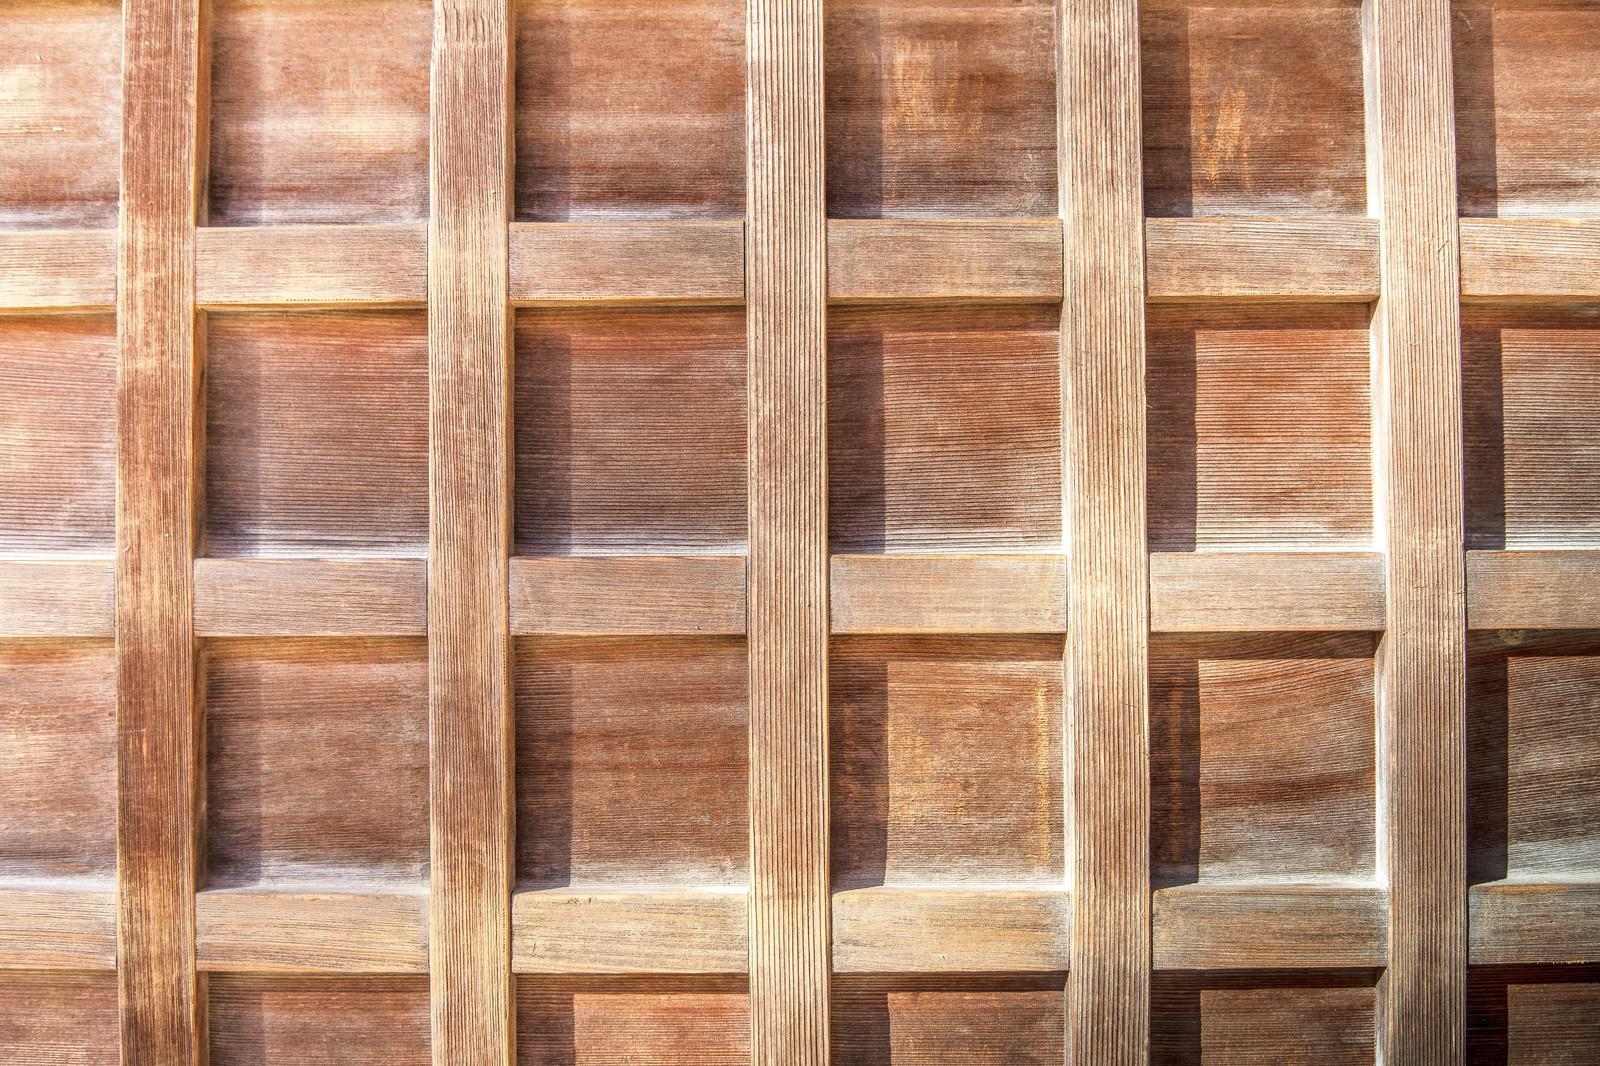 「格子状の木の板(テクスチャー)」の写真